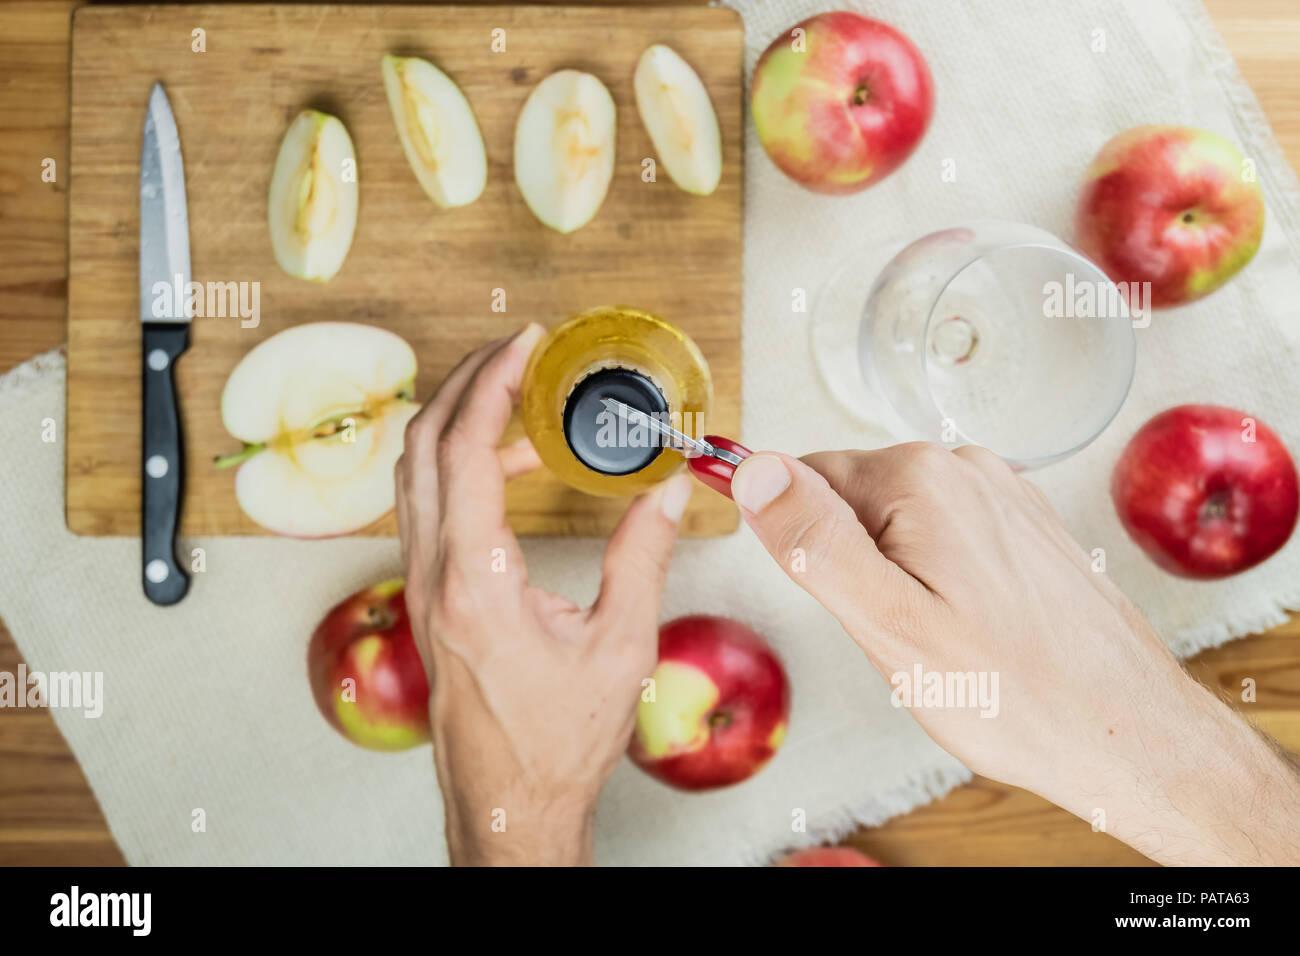 Abrir una botella de beber sidra de manzana, vista superior. Punto de vista de la mano con un abrelatas, preparando una copa de sidra en la mesa de madera rústica con maduras appl Imagen De Stock